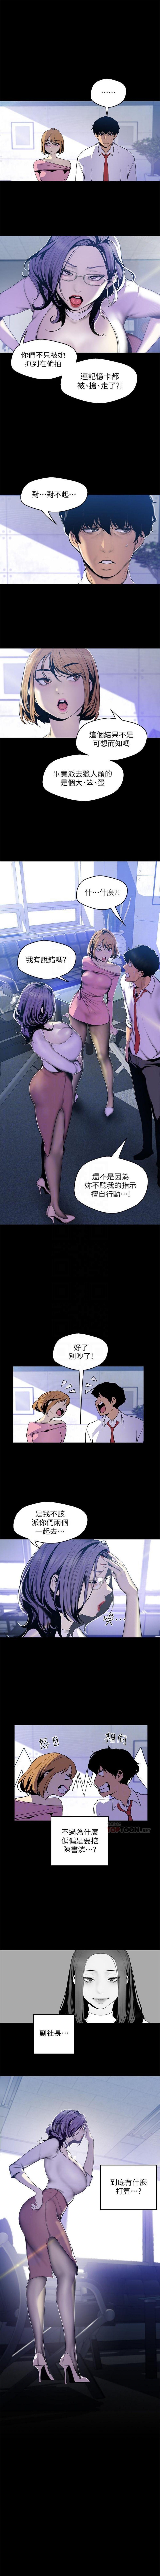 美麗新世界 1-85 官方中文(連載中) 514